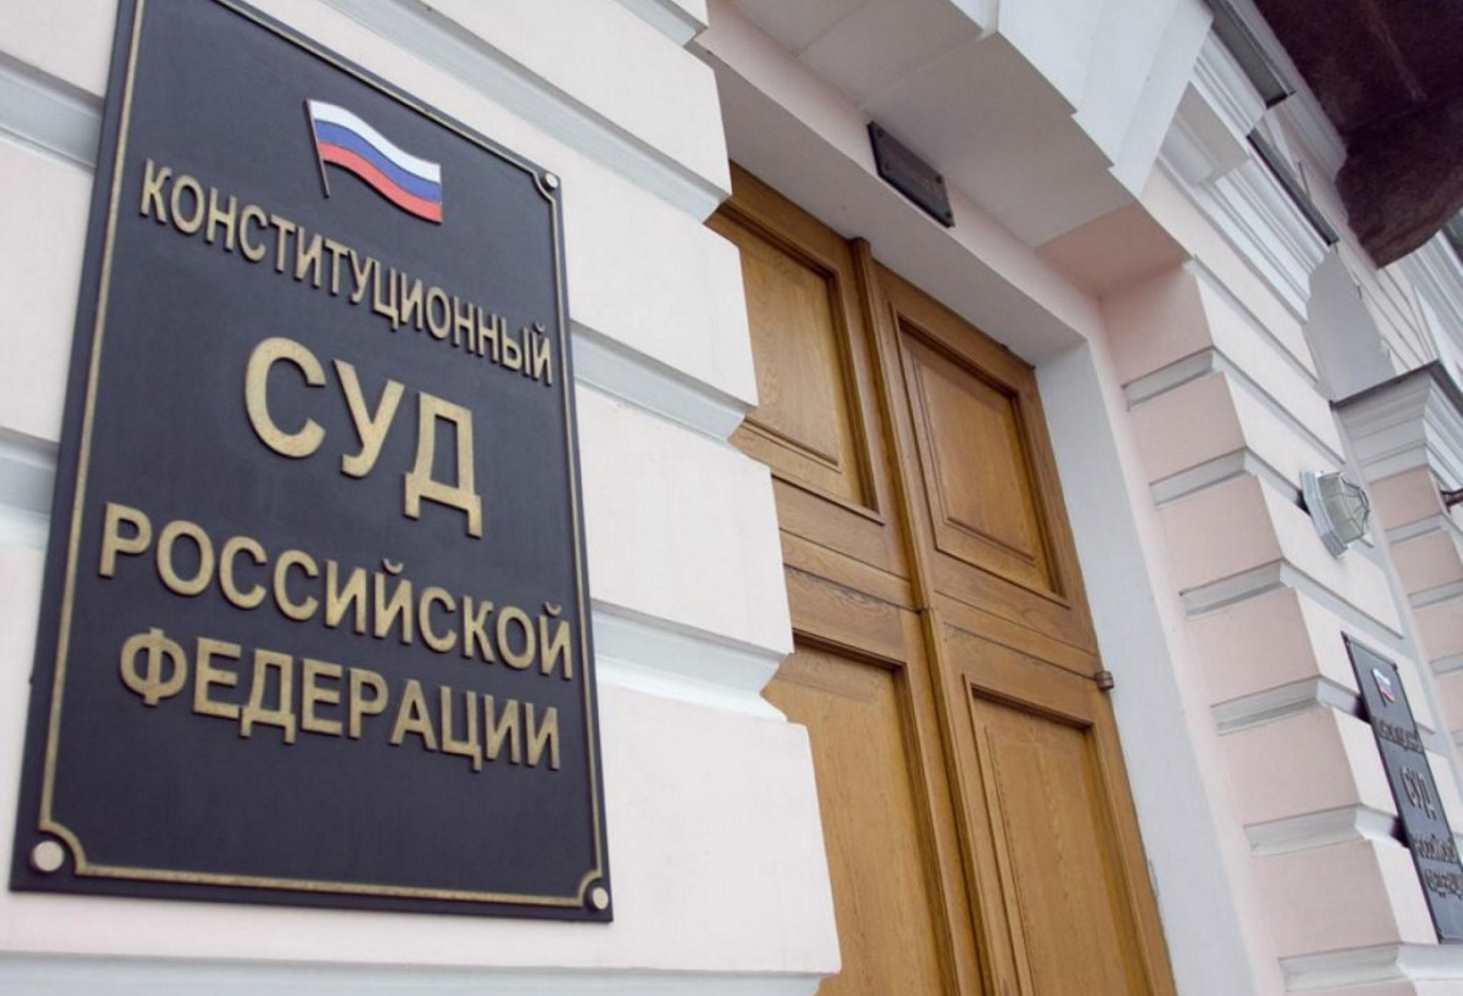 konstitutsionnyj-sud-rf-vystupil-na-storone-vospitatelej-so-stazhem-no-bez-profobrazovaniya